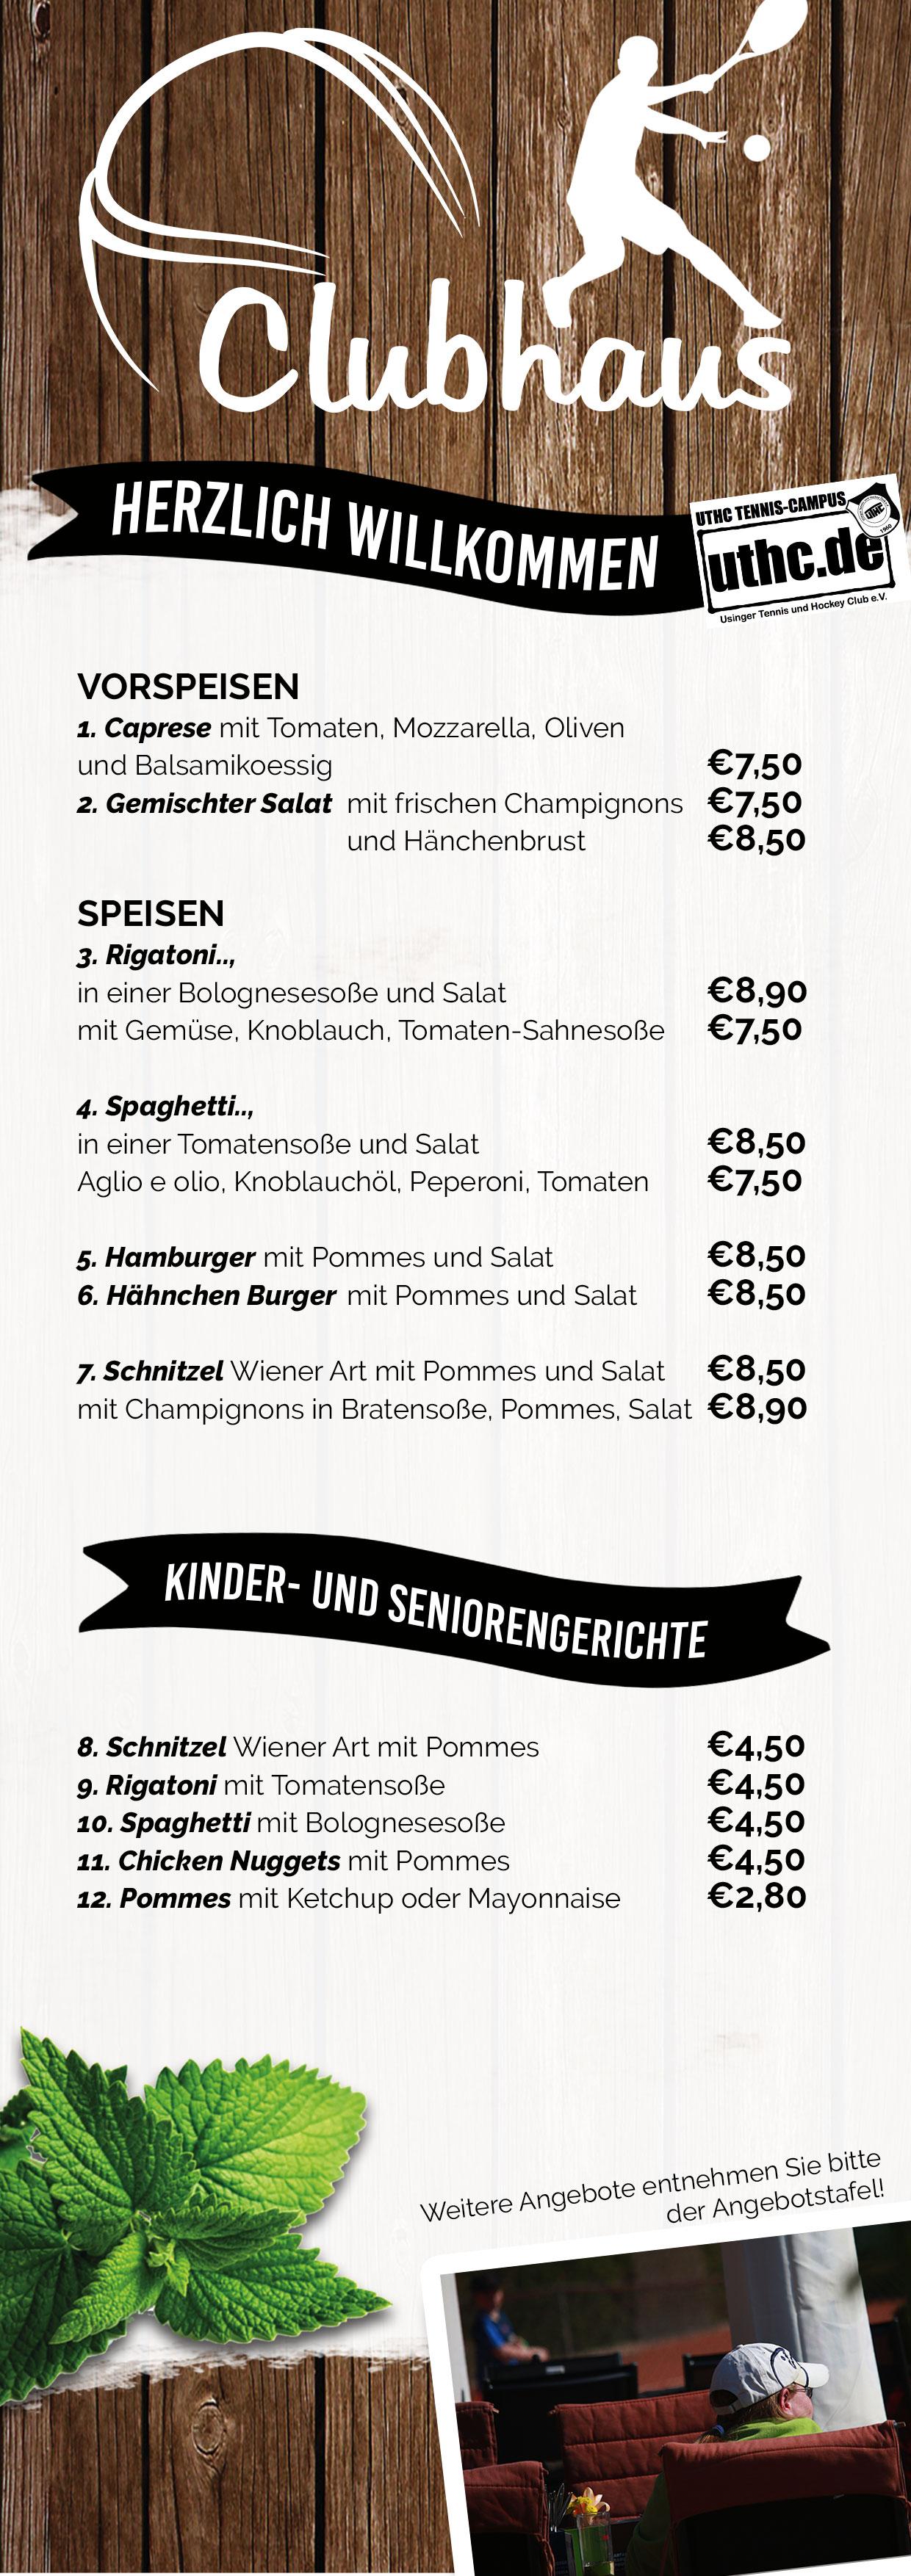 Sommer Speisekarte vom öffentlichen UTHC-Clubhaus